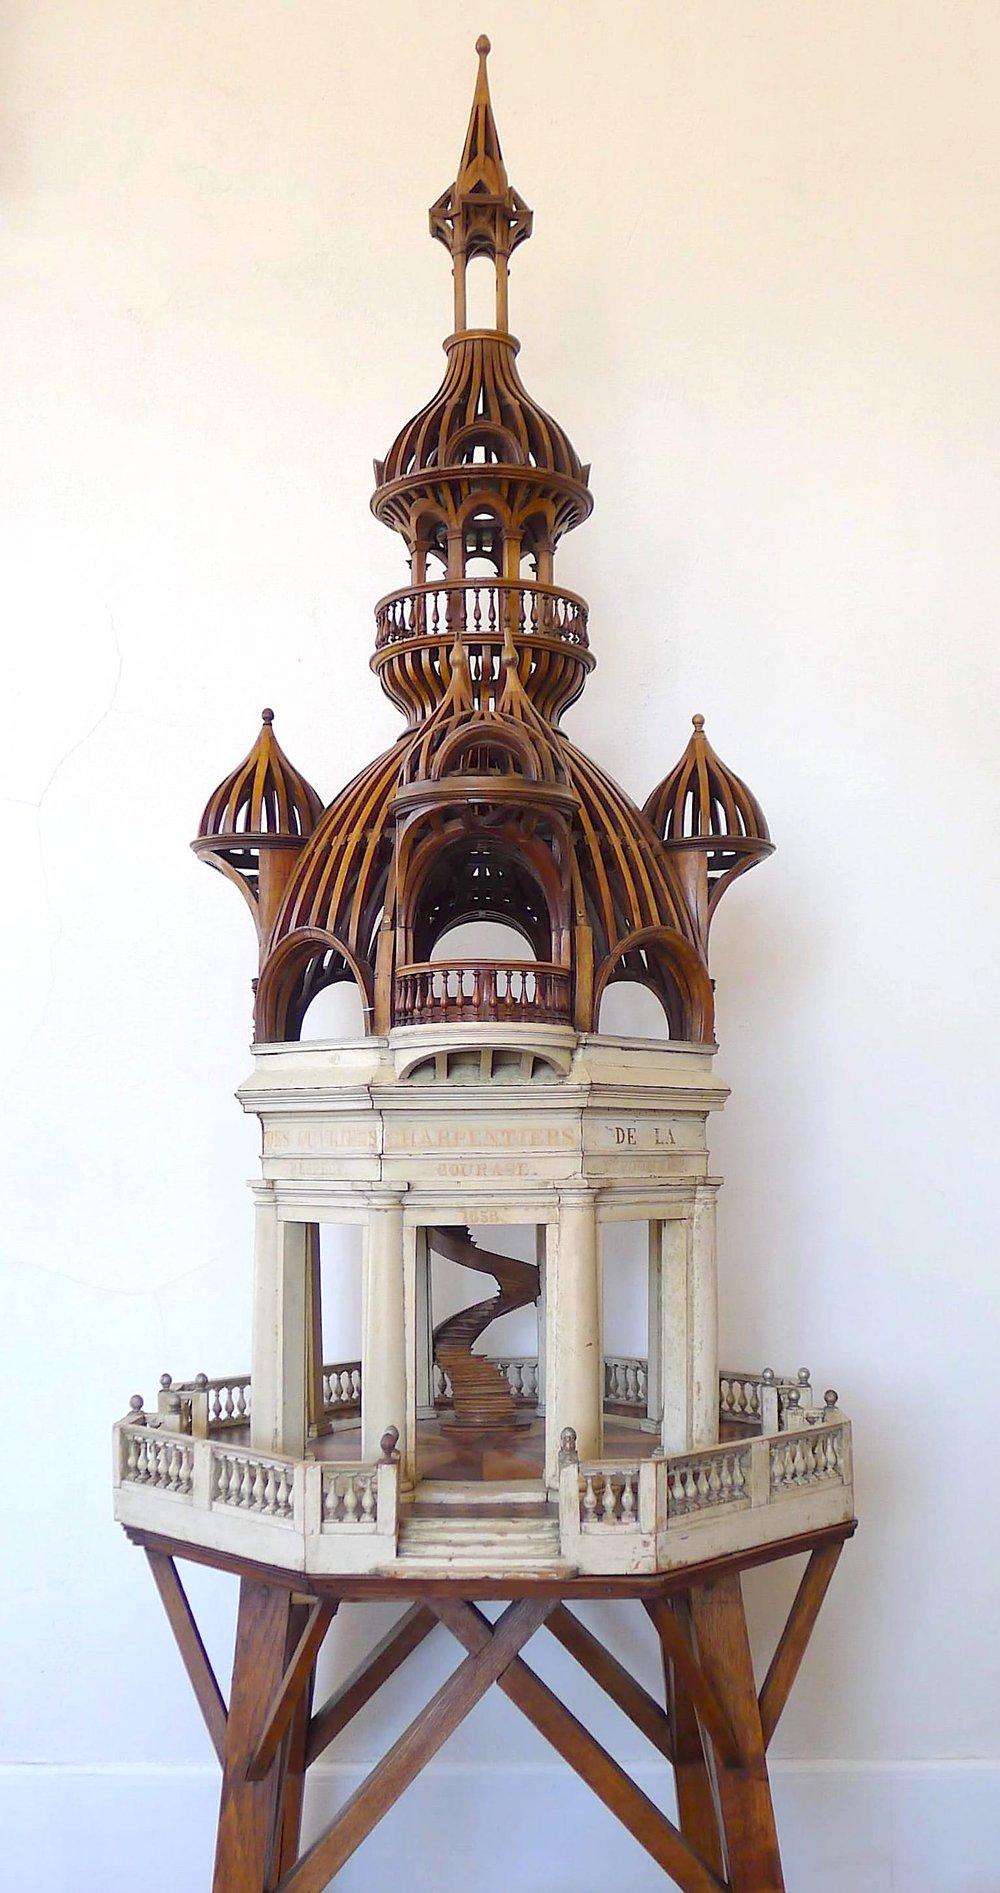 RESPECT - COURAGE - DEVOUEMENT - 1858  fait par la société des Ouvriers Charpentiers de la ville de Versailles